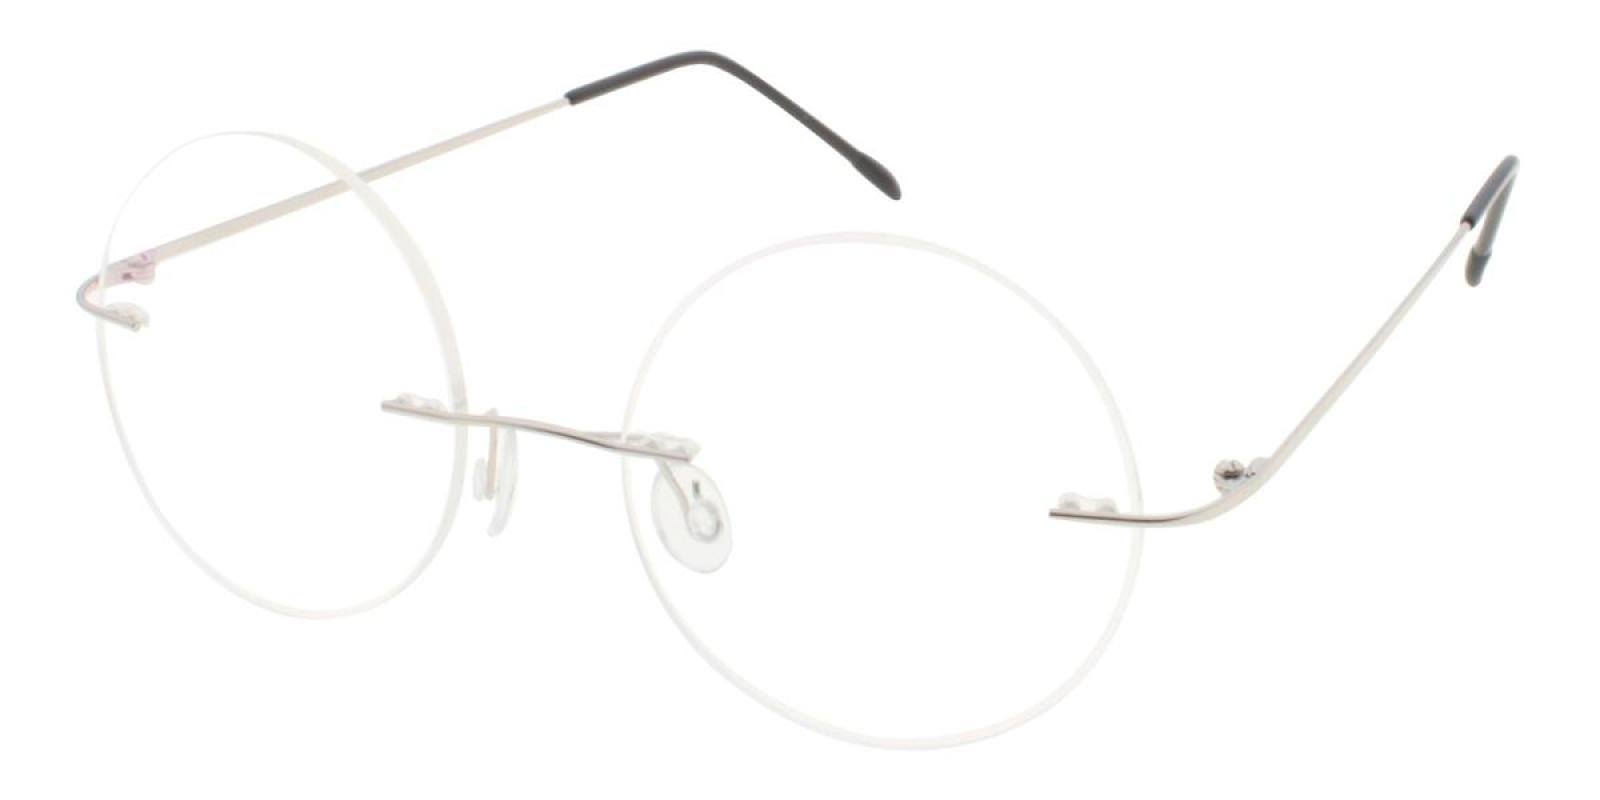 Knewphey-Silver-Varieties-Metal-Eyeglasses-additional1